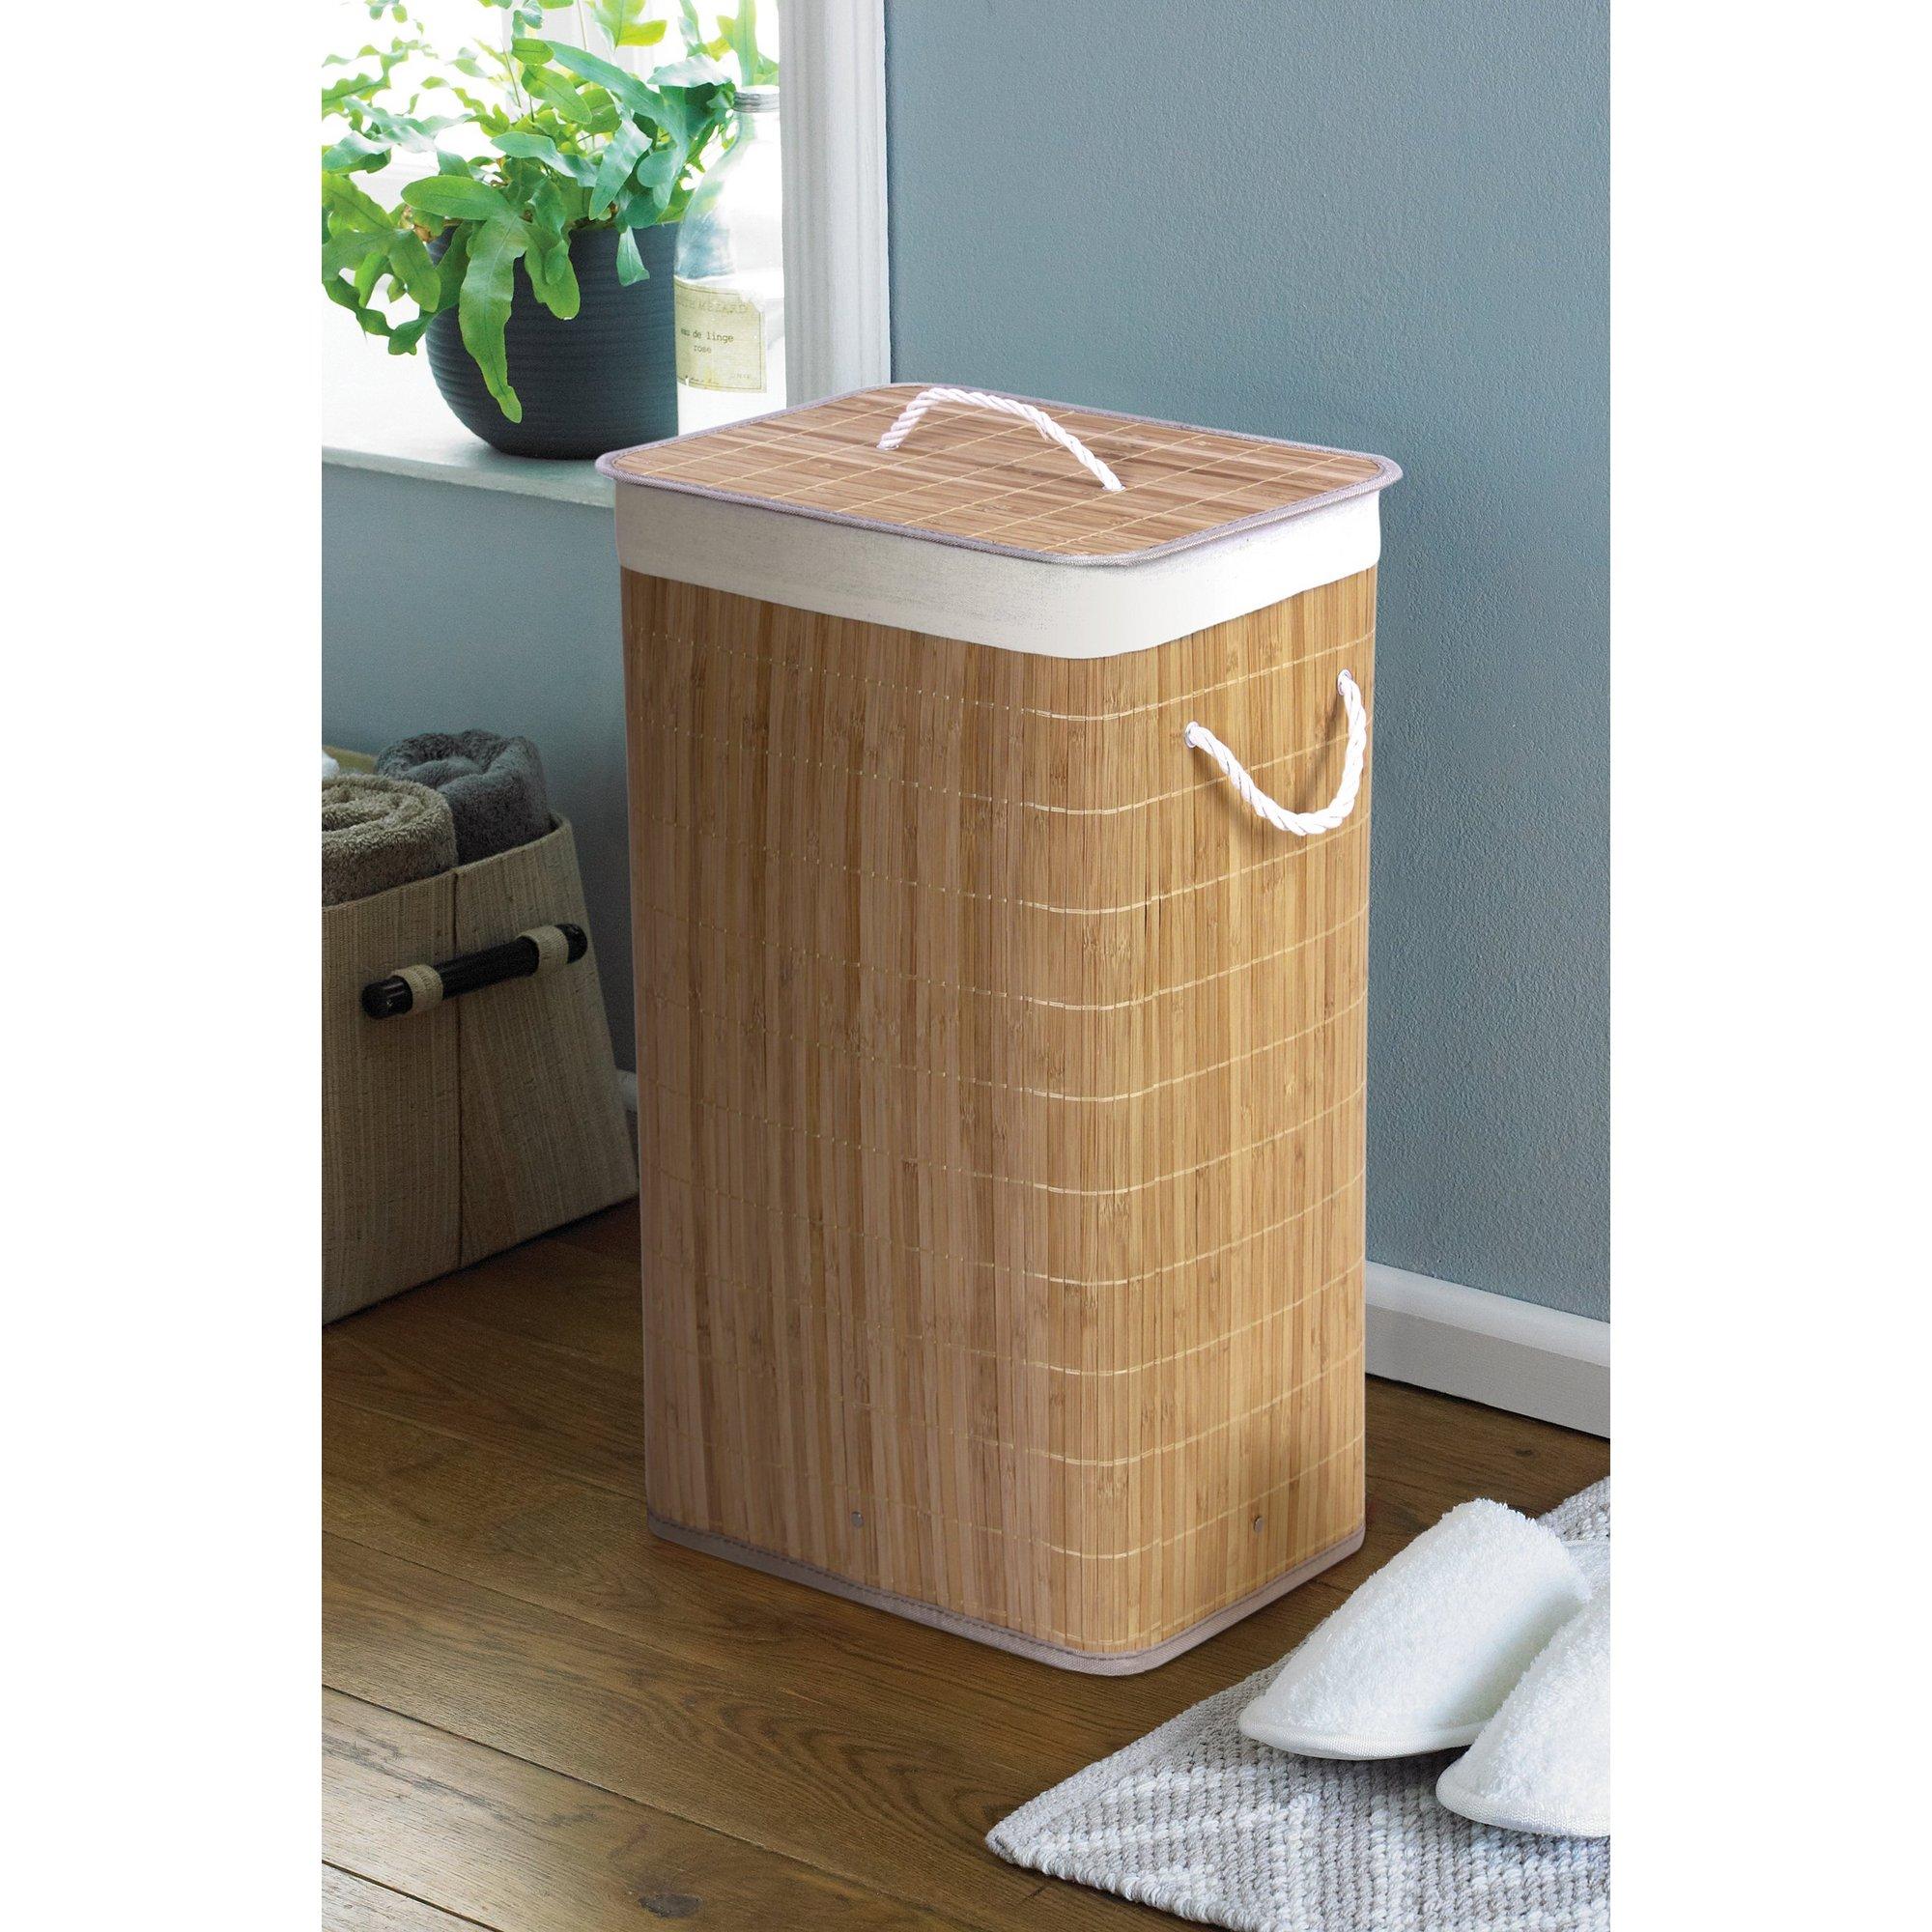 Image of Bamboo Laundry Basket